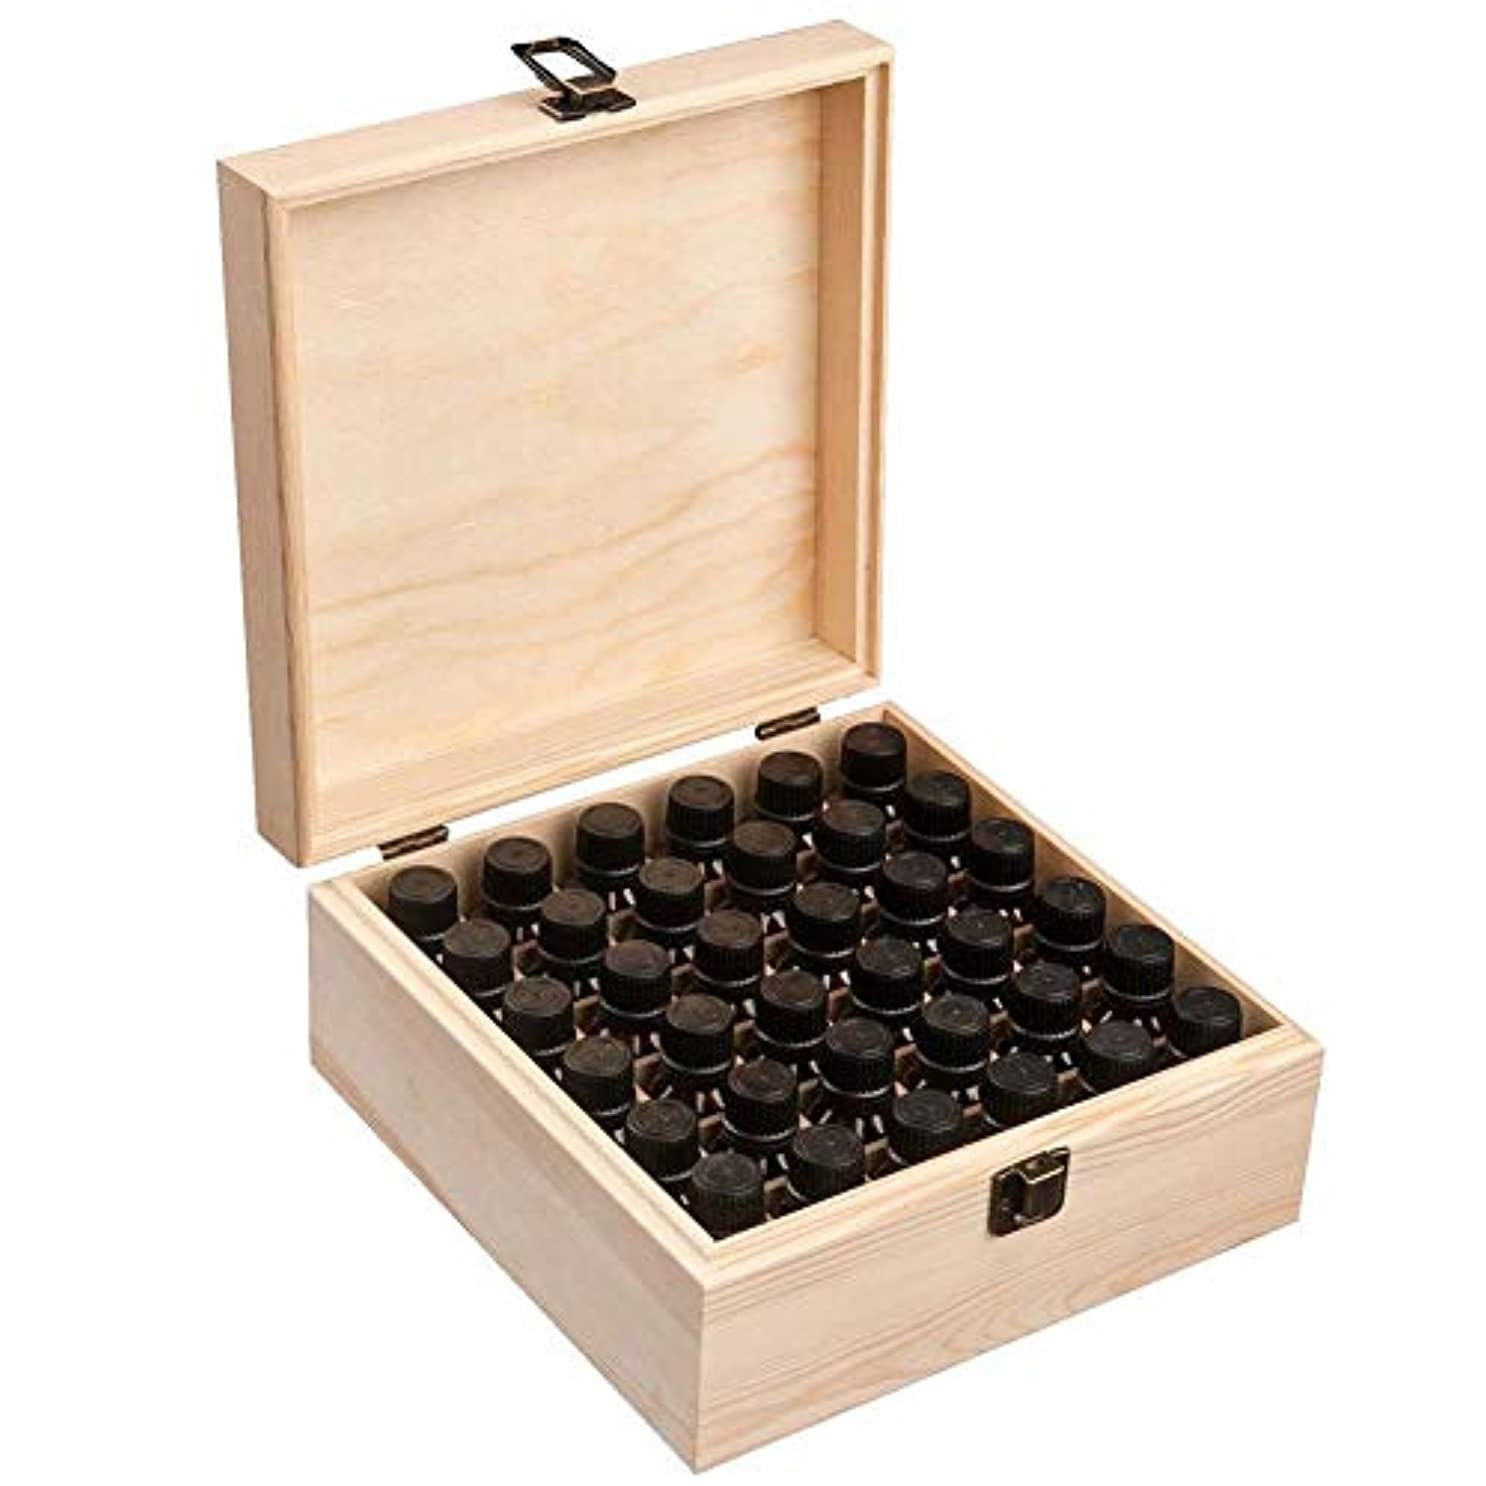 以降無条件申し立てるエッセンシャルオイル収納ボックス 純木の精油の収納箱 香水収納ケース アロマオイル収納ボックス 36本用